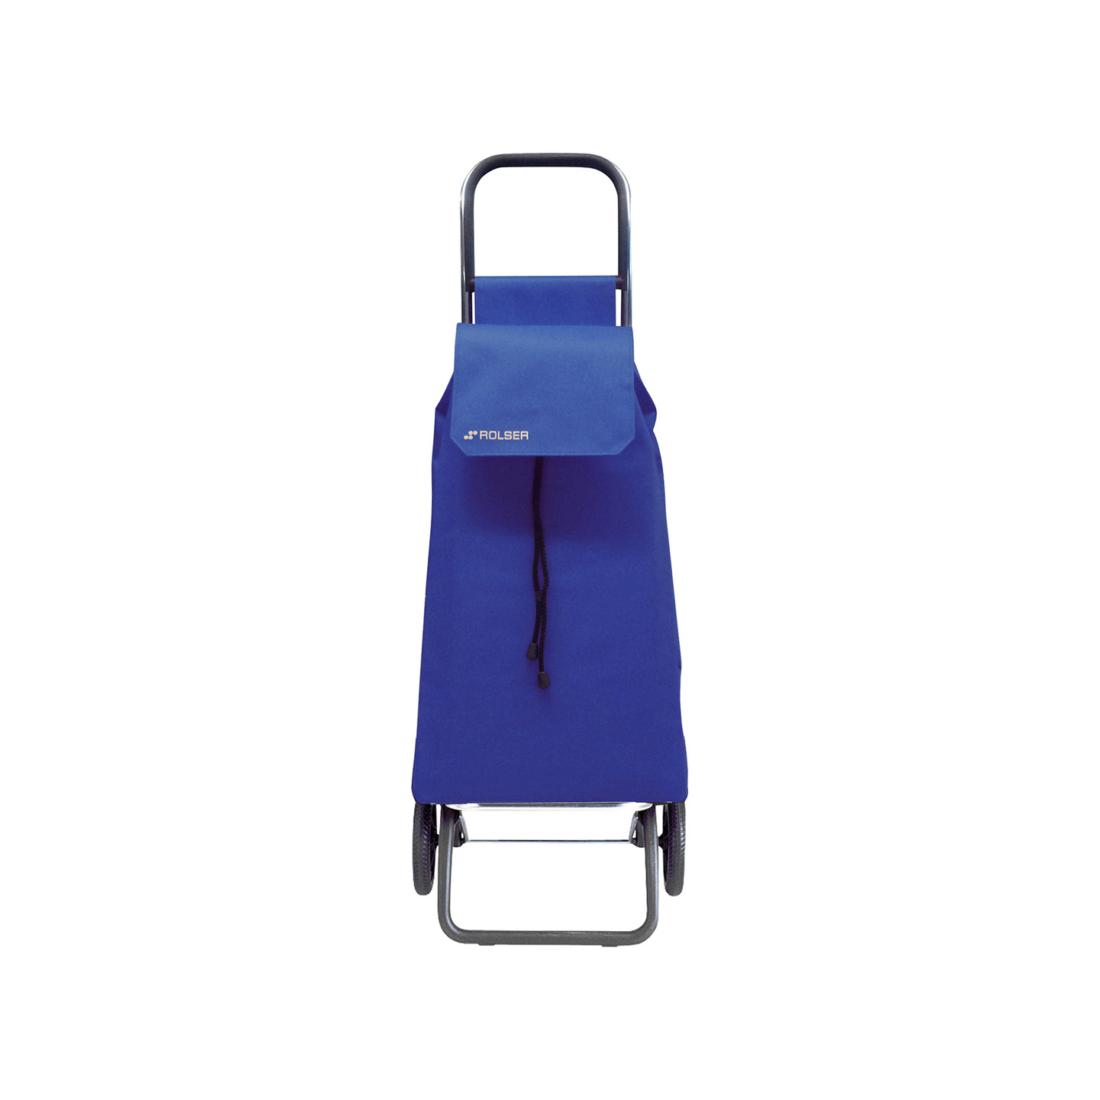 Rolser Saquet LN Conver Bevásárlókocsi Azul - azurkék